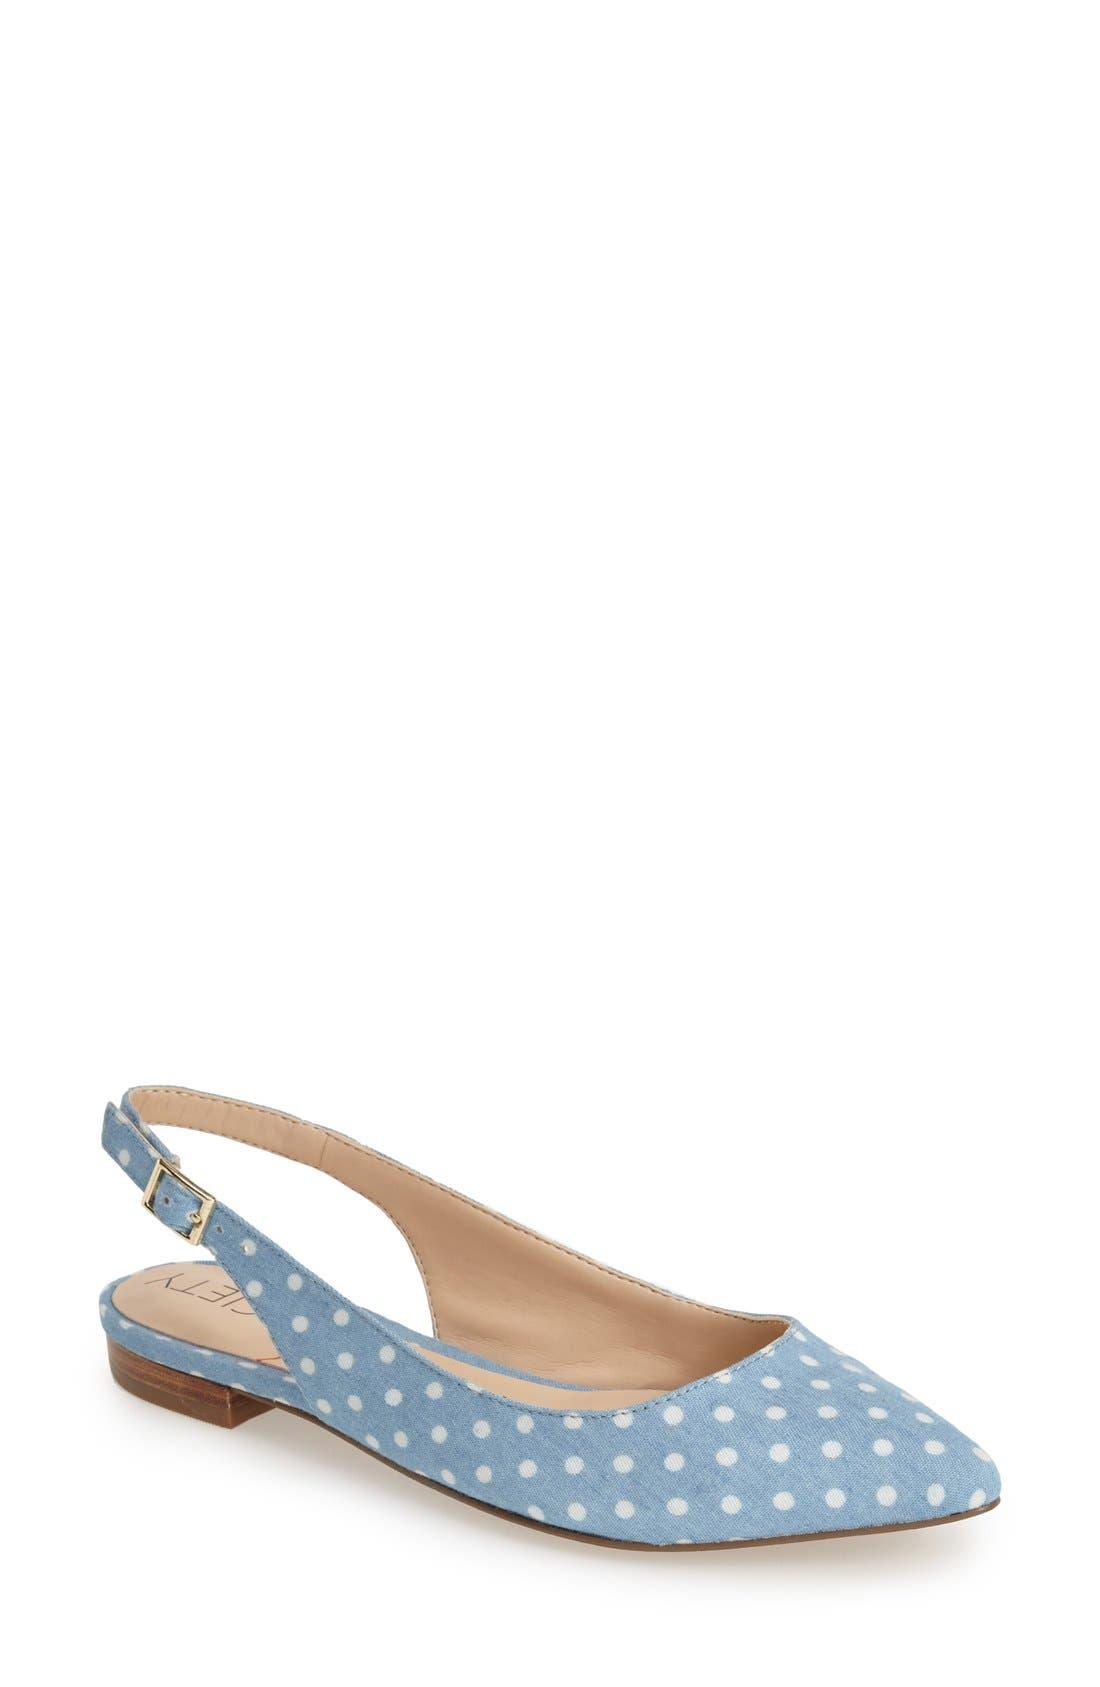 Main Image - Sole Society 'Molly' Pointy Toe Slingback Flat (Women)